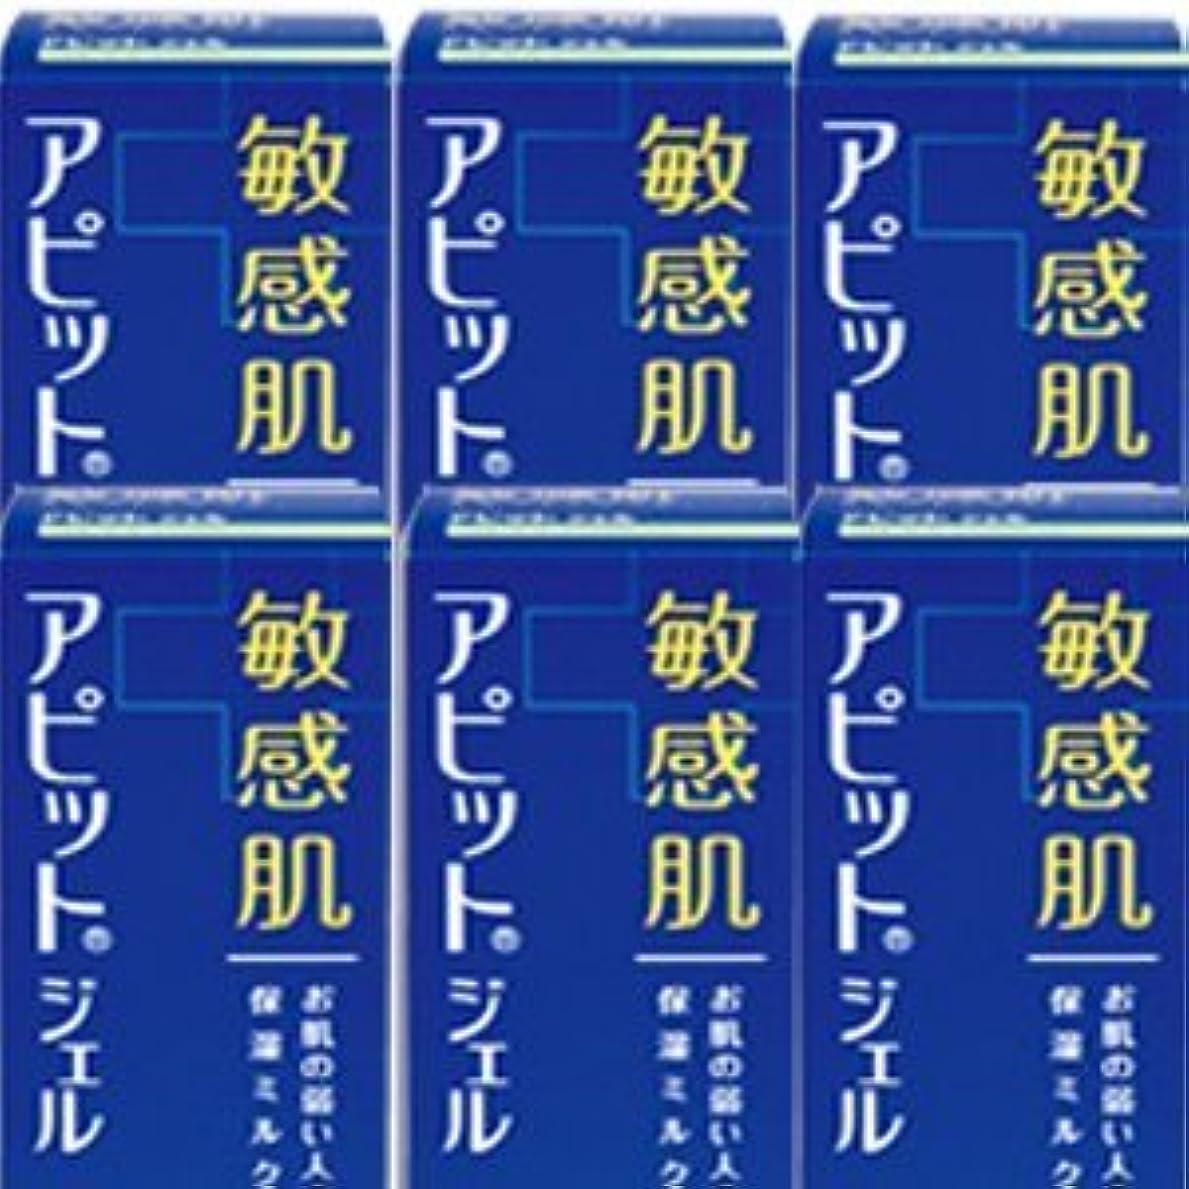 誘発するである罪悪感【6個】全薬工業 アピットジェルS 120mlx6個セット (4987305034625)